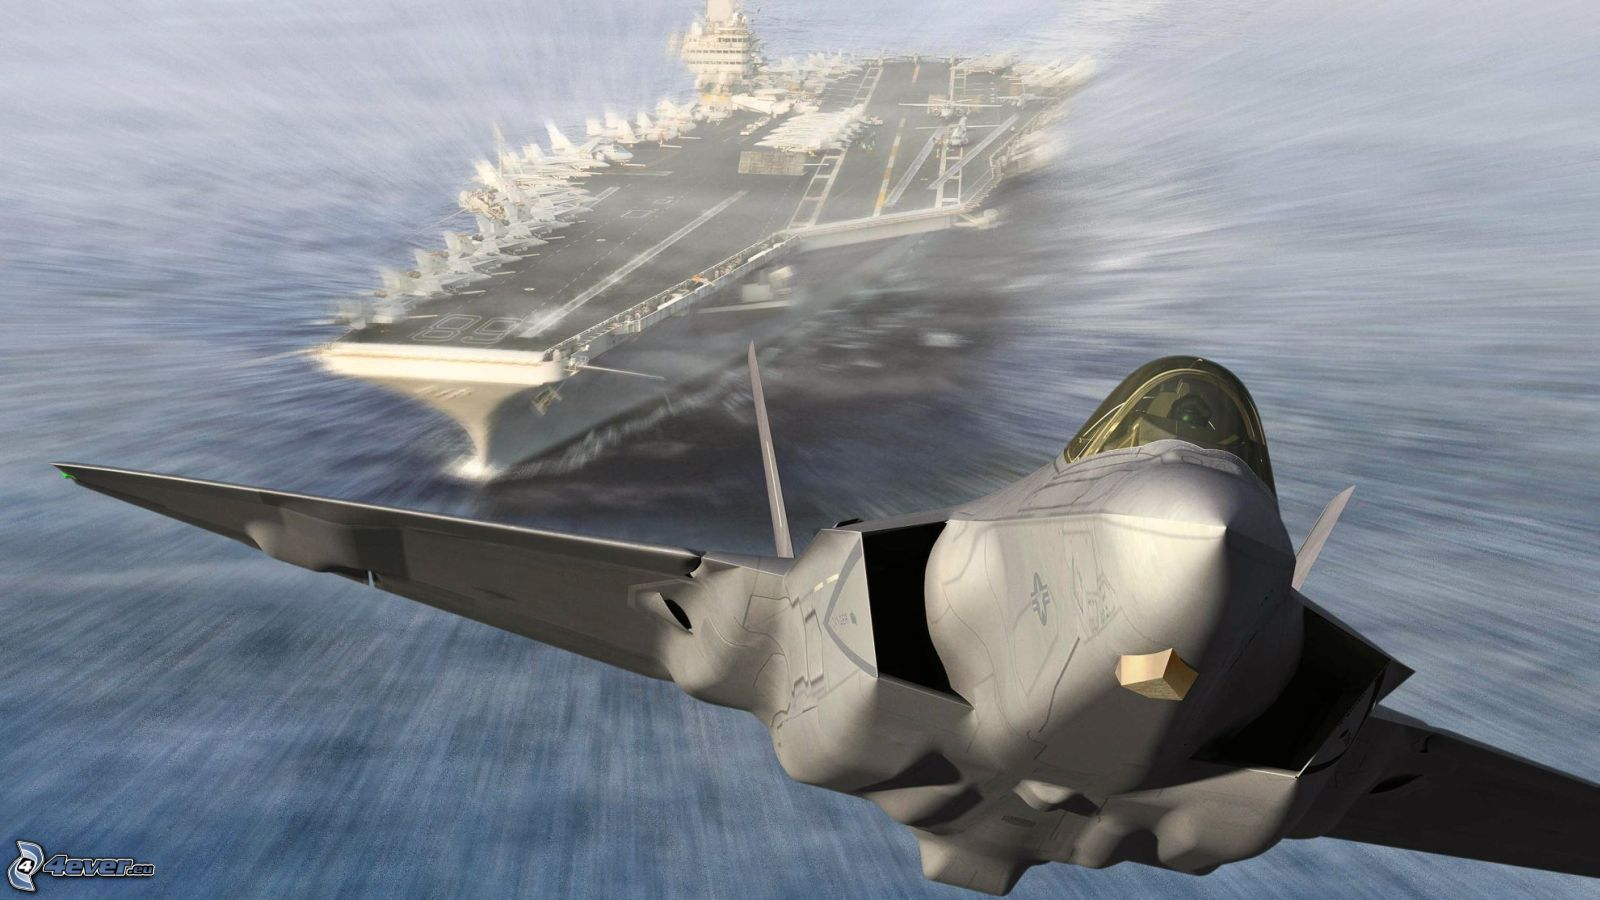 portaaviones - Buscar con Google